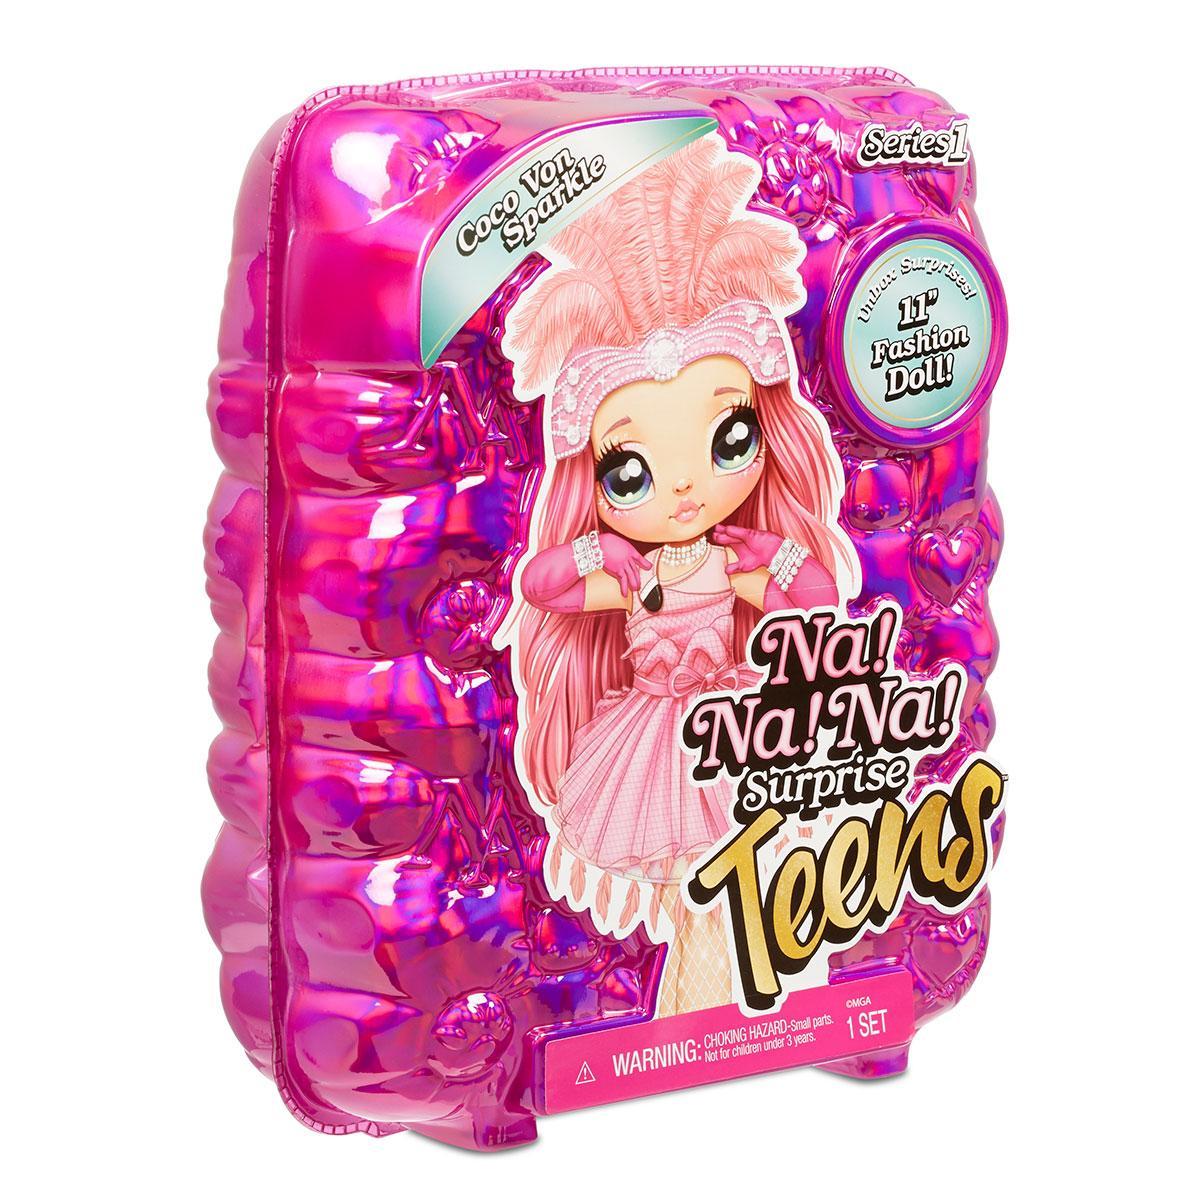 Оригинальная кукла Коко Фон Спаркл с аксессуарами Na! Na! Na! Surprise серии Teens (572596)